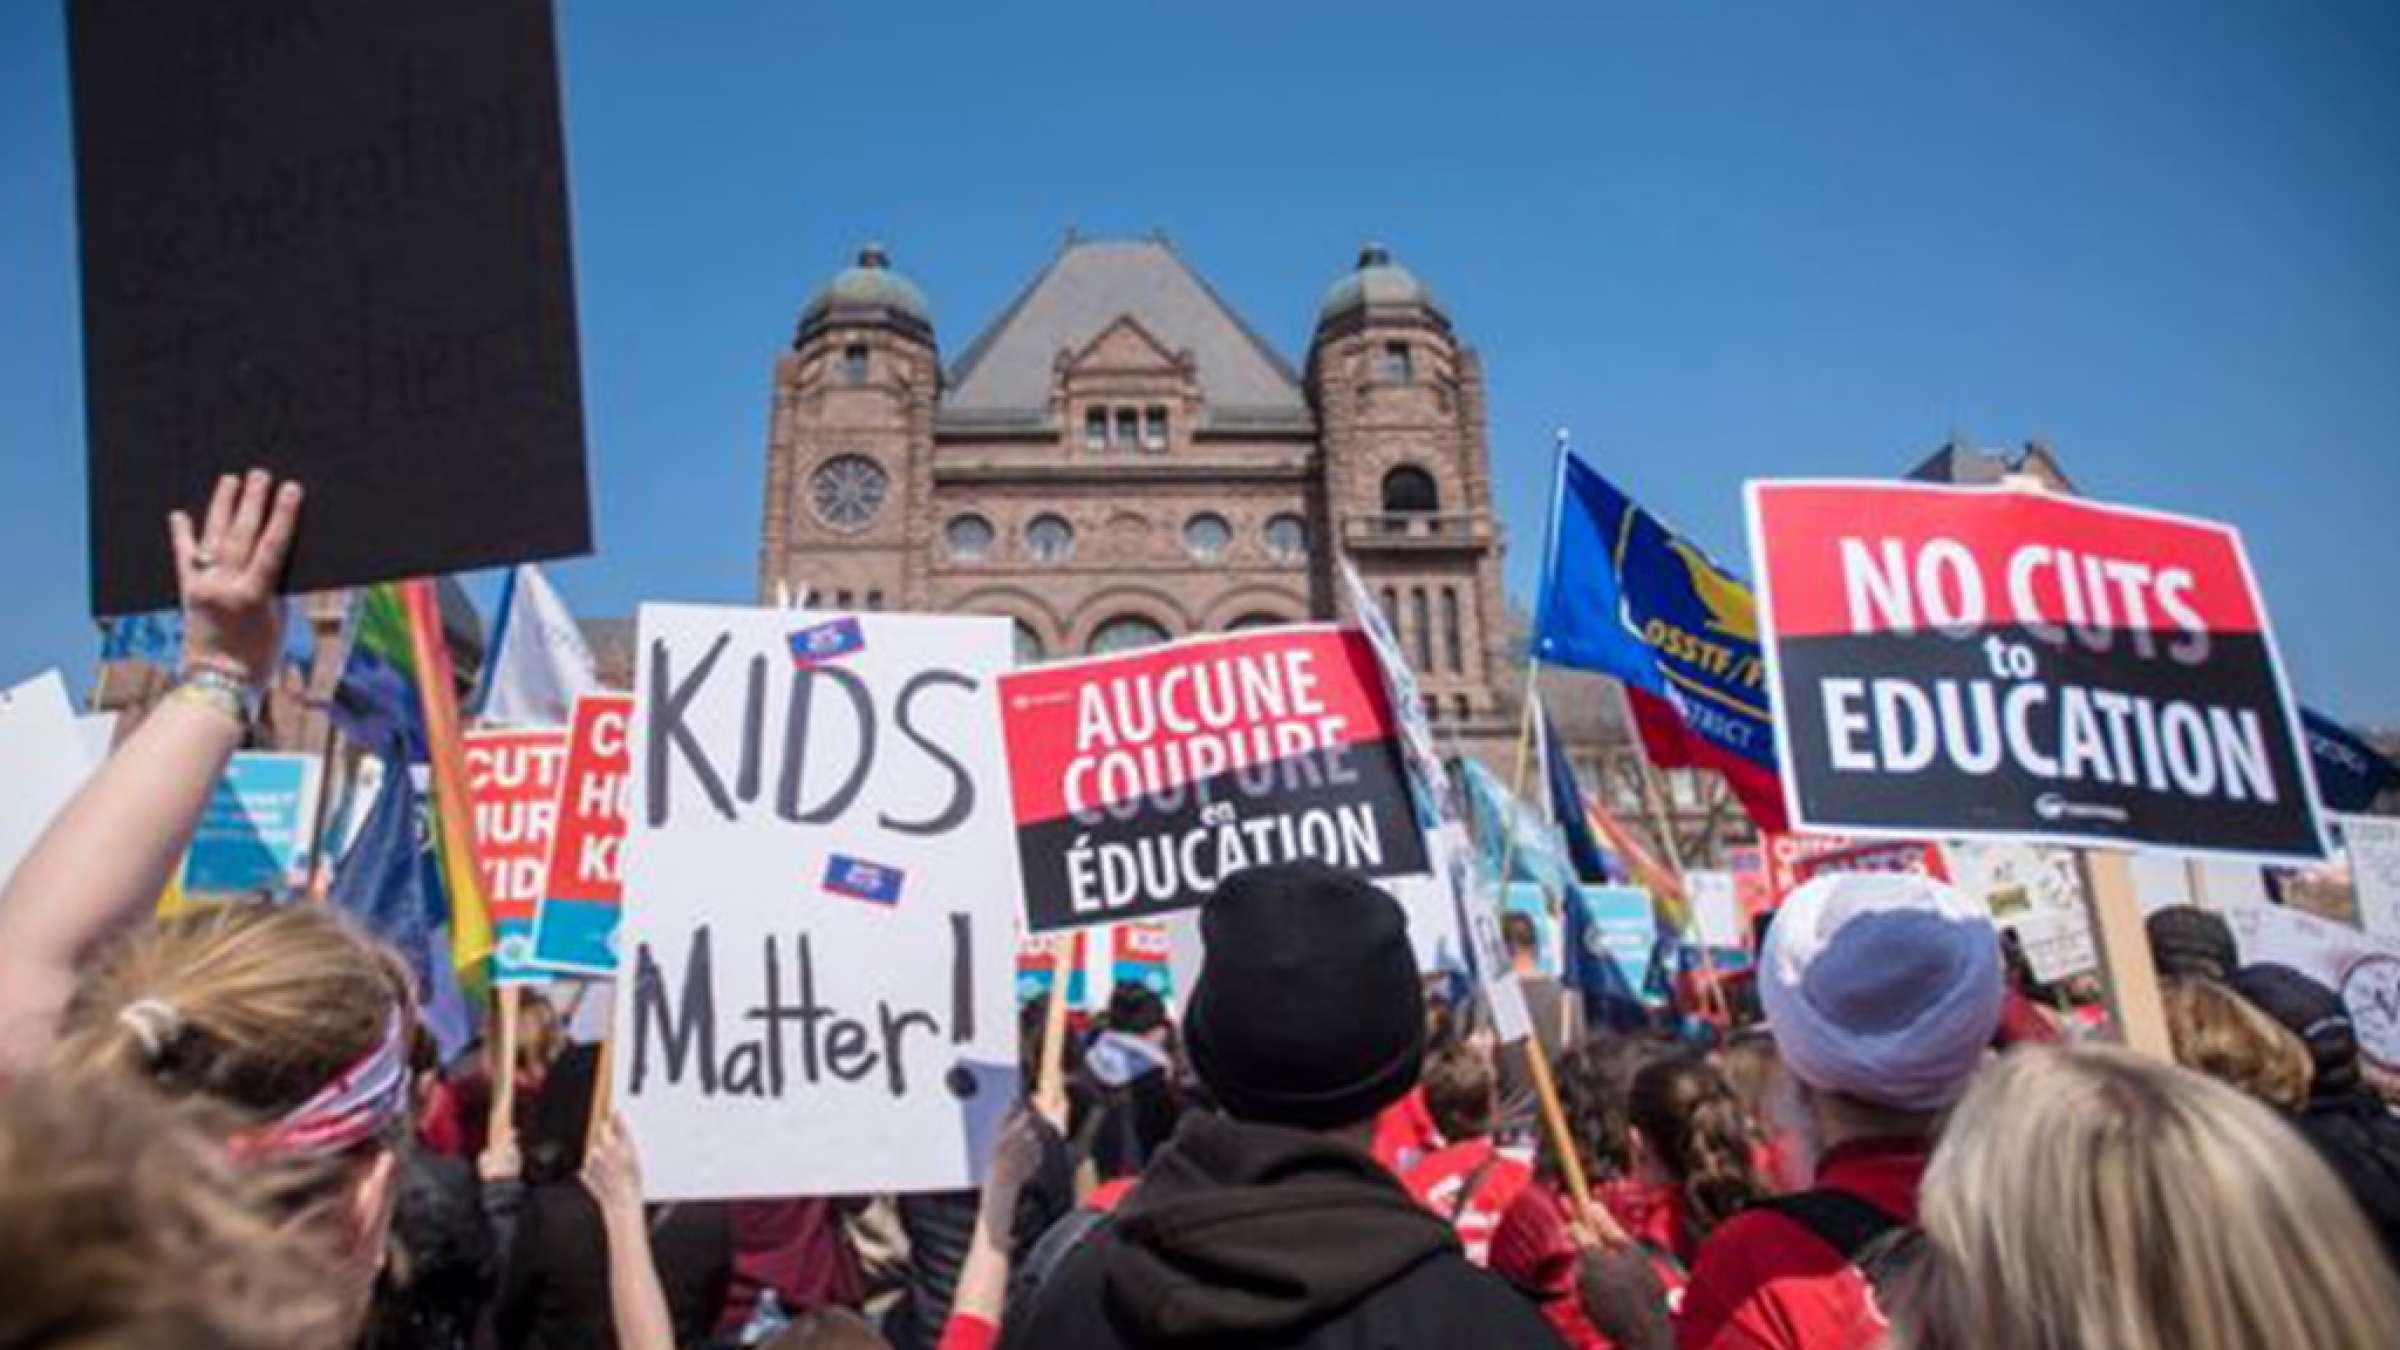 اخبار-تورنتو-معلمان-انتاریو-اعتصاب-میکنند